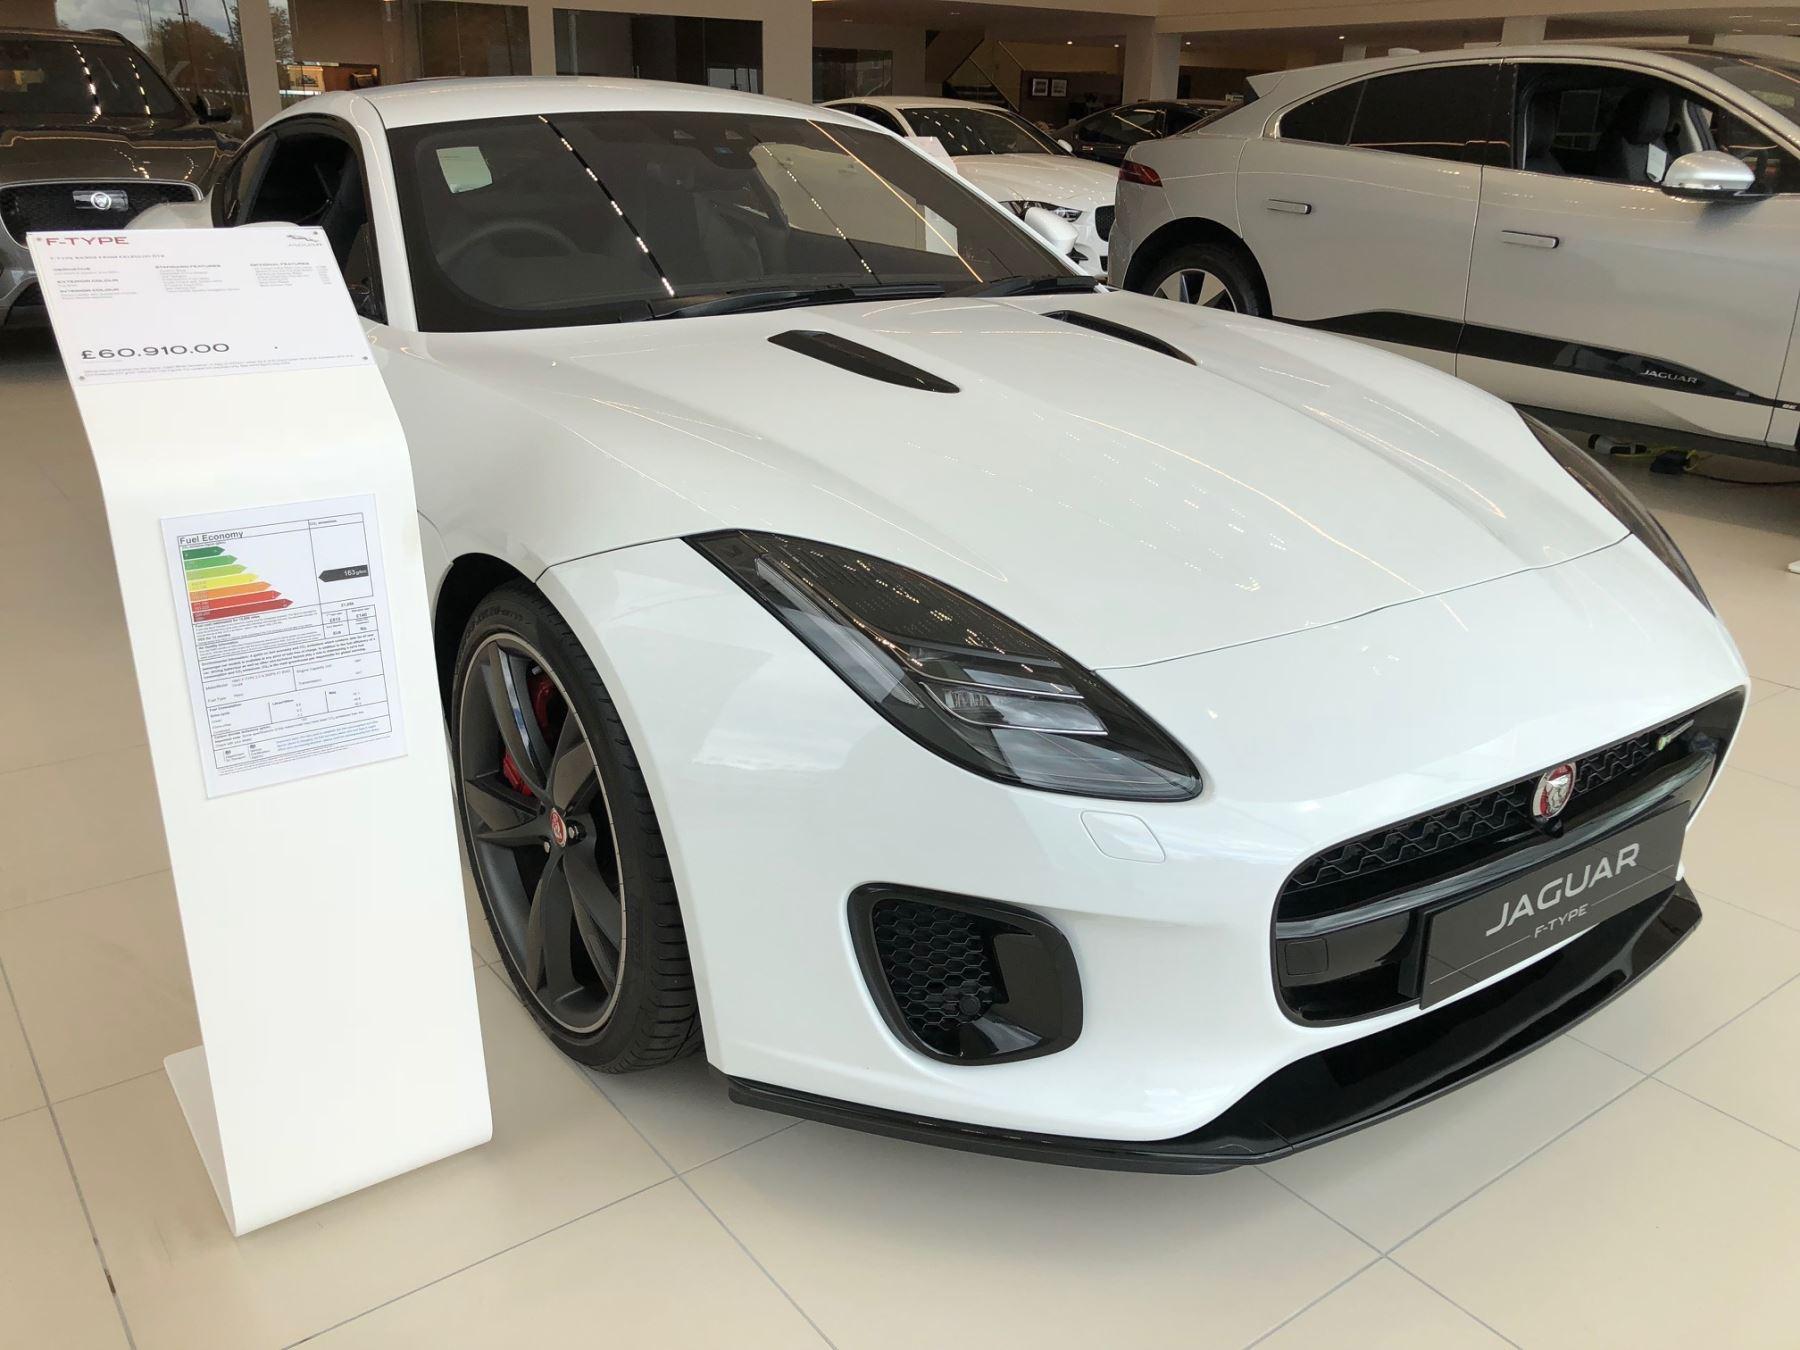 Jaguar F-TYPE 3.0 Supercharged V6 R-Dynamic image 1